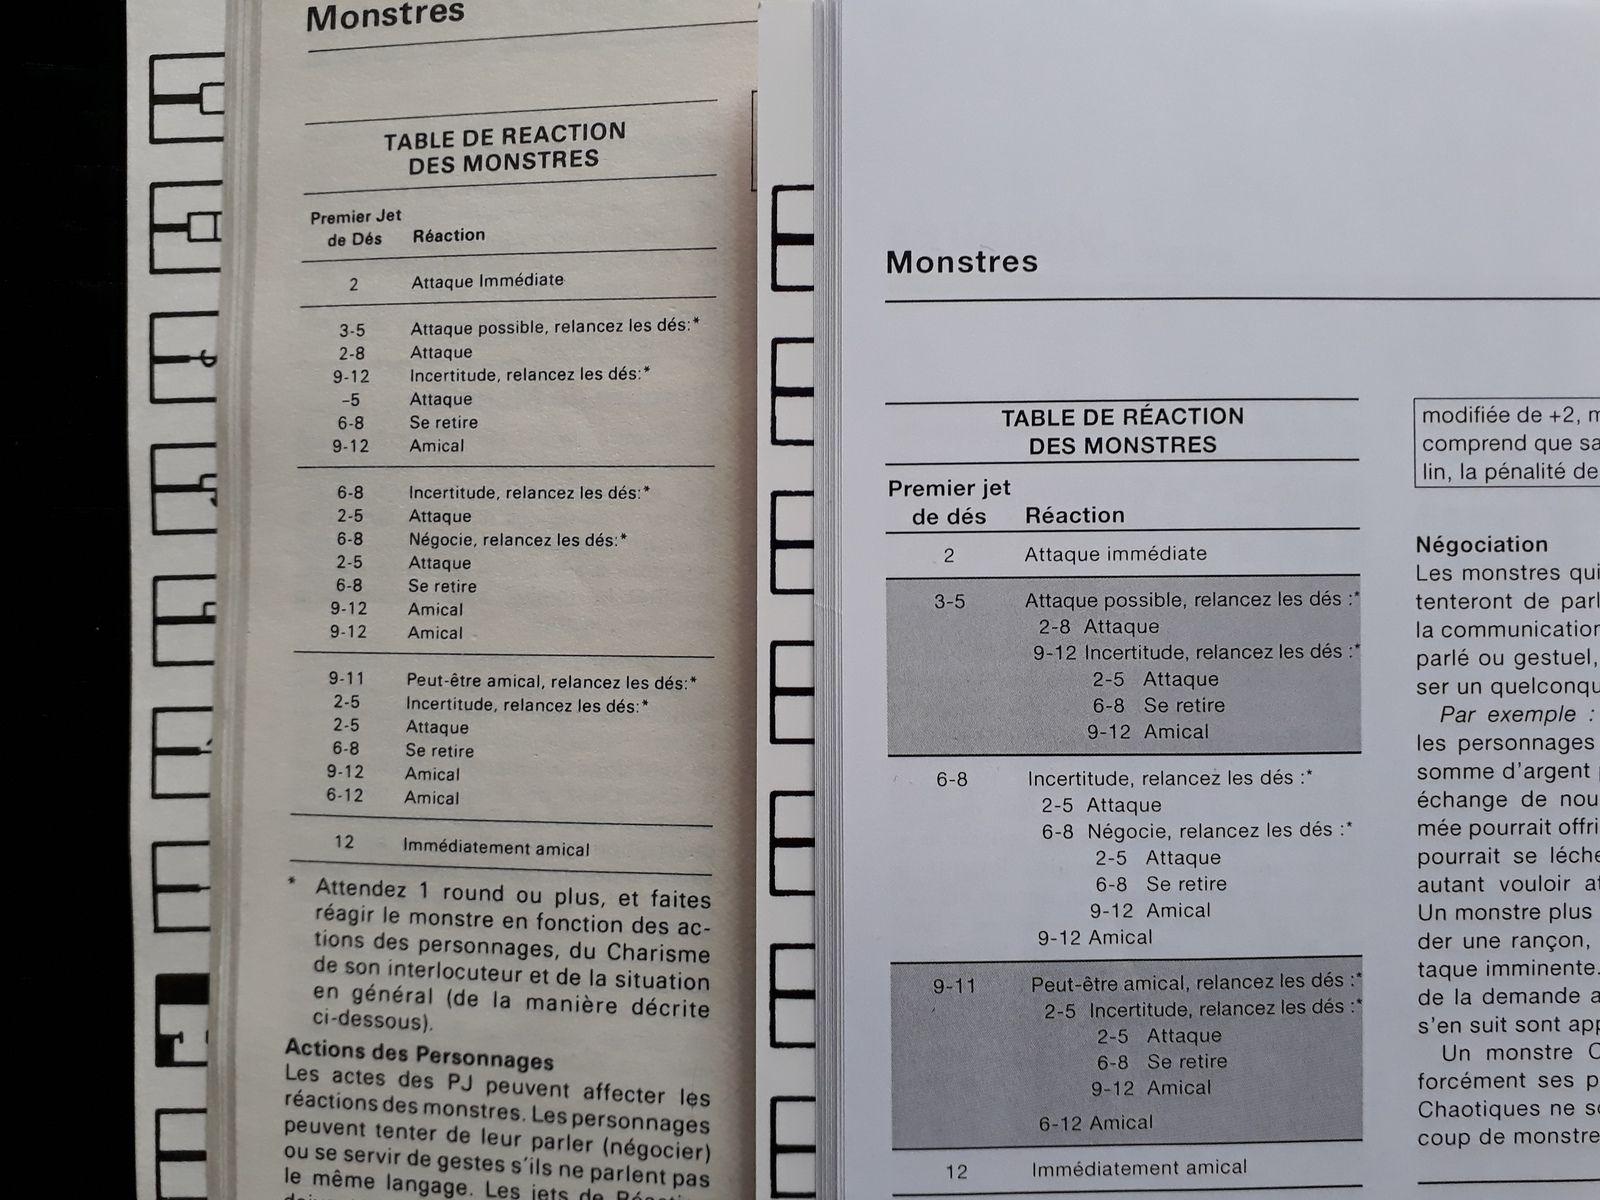 Quelques exemples de l'intérieur. La table de réaction des monstres de la page 26 qui était complètement imbuvable dans la version d'origine a été corrigée et est maintenant lisible ET compréhensible ^^.